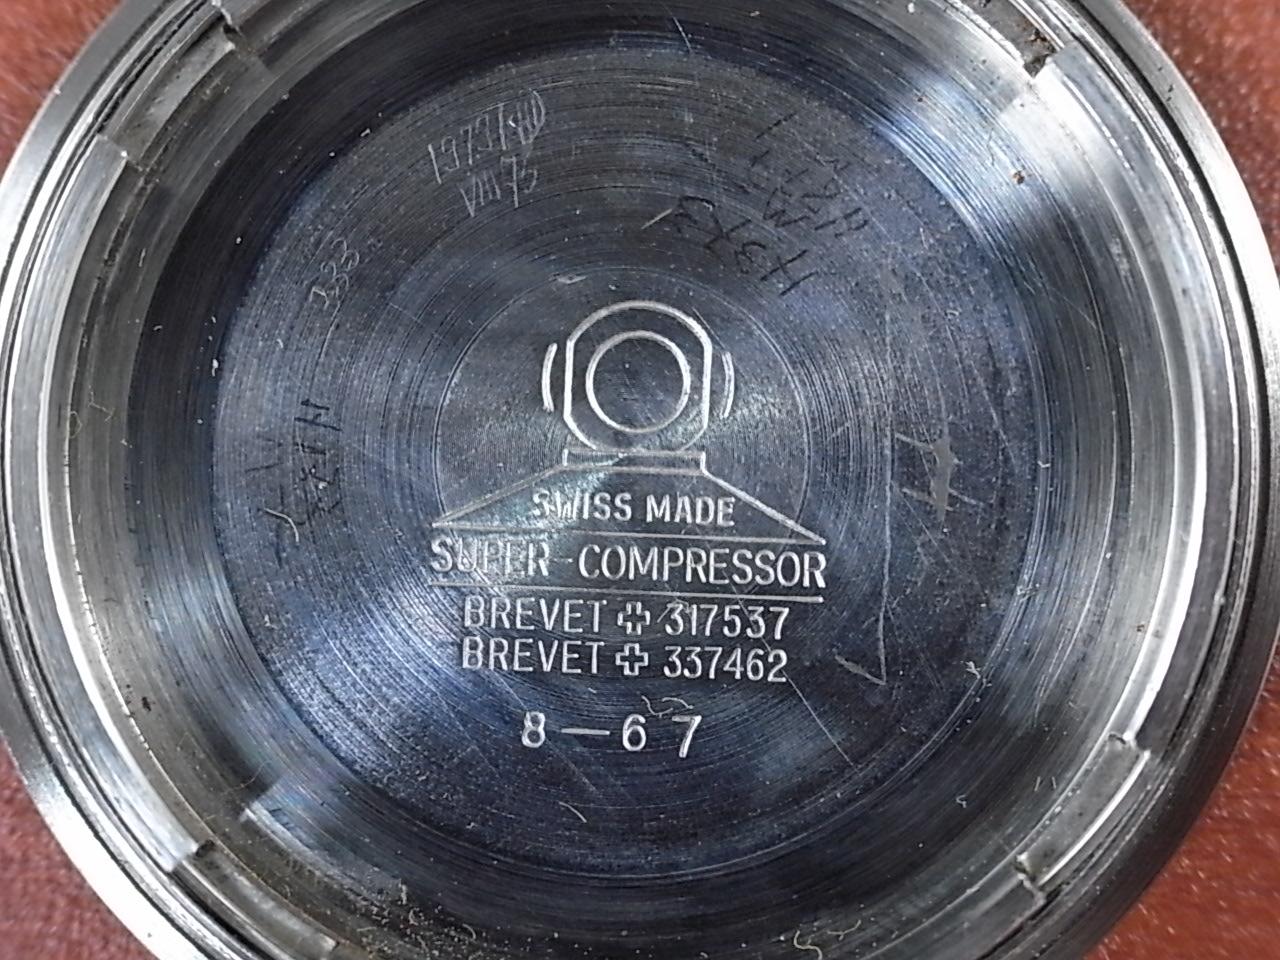 アンバー ダイバーズウォッチ インナーベゼル スーパーコンプレッサー 1960年代の写真6枚目